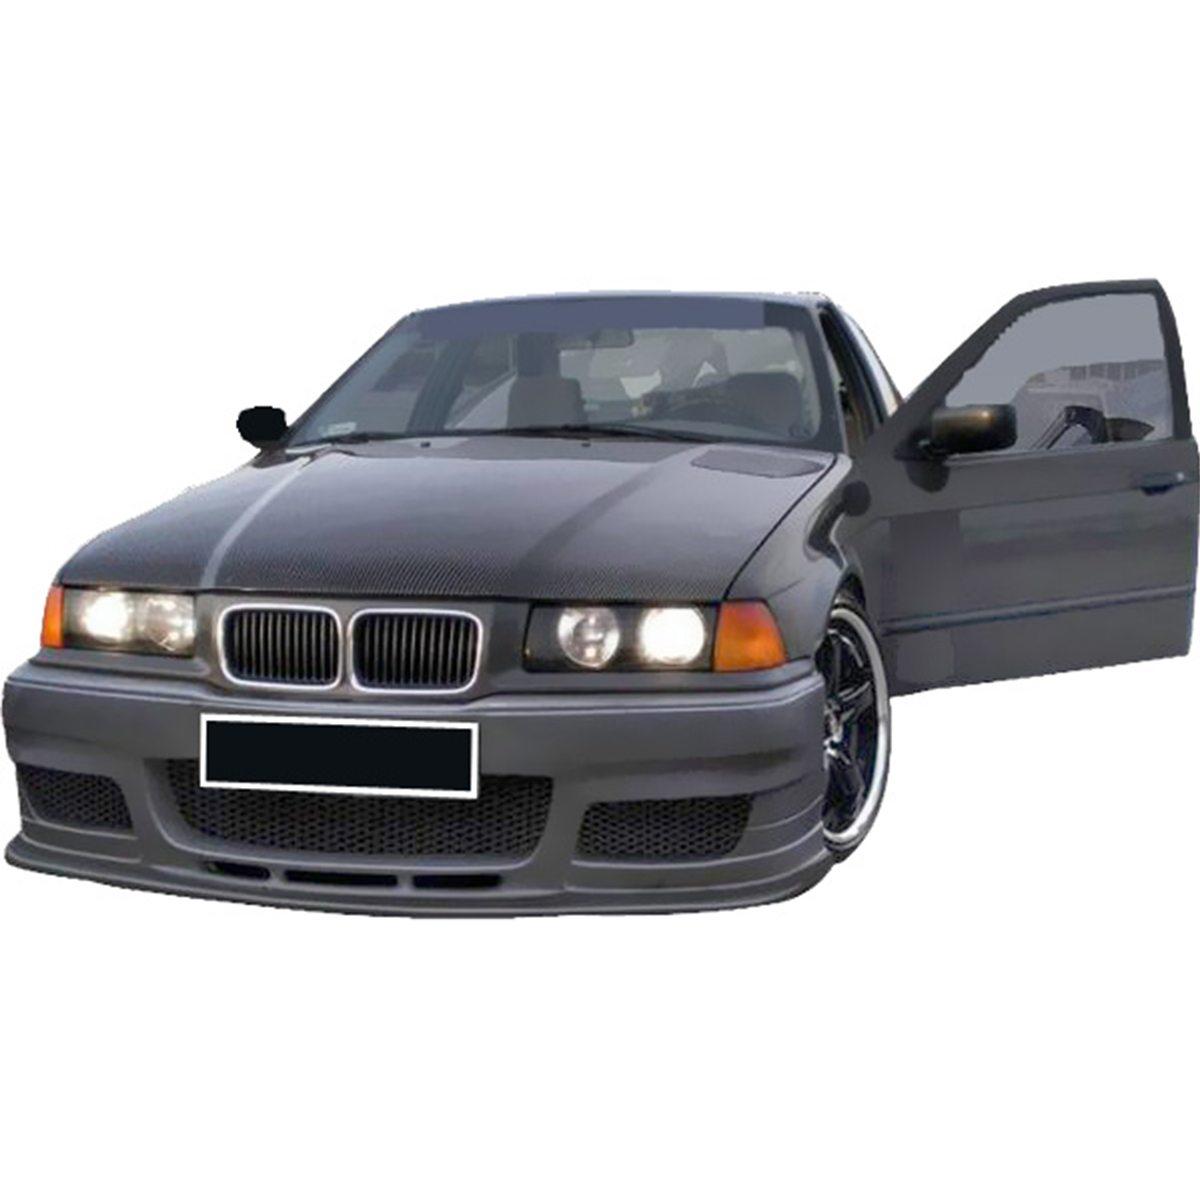 BMW-E36-Inferno-frt-PCM007